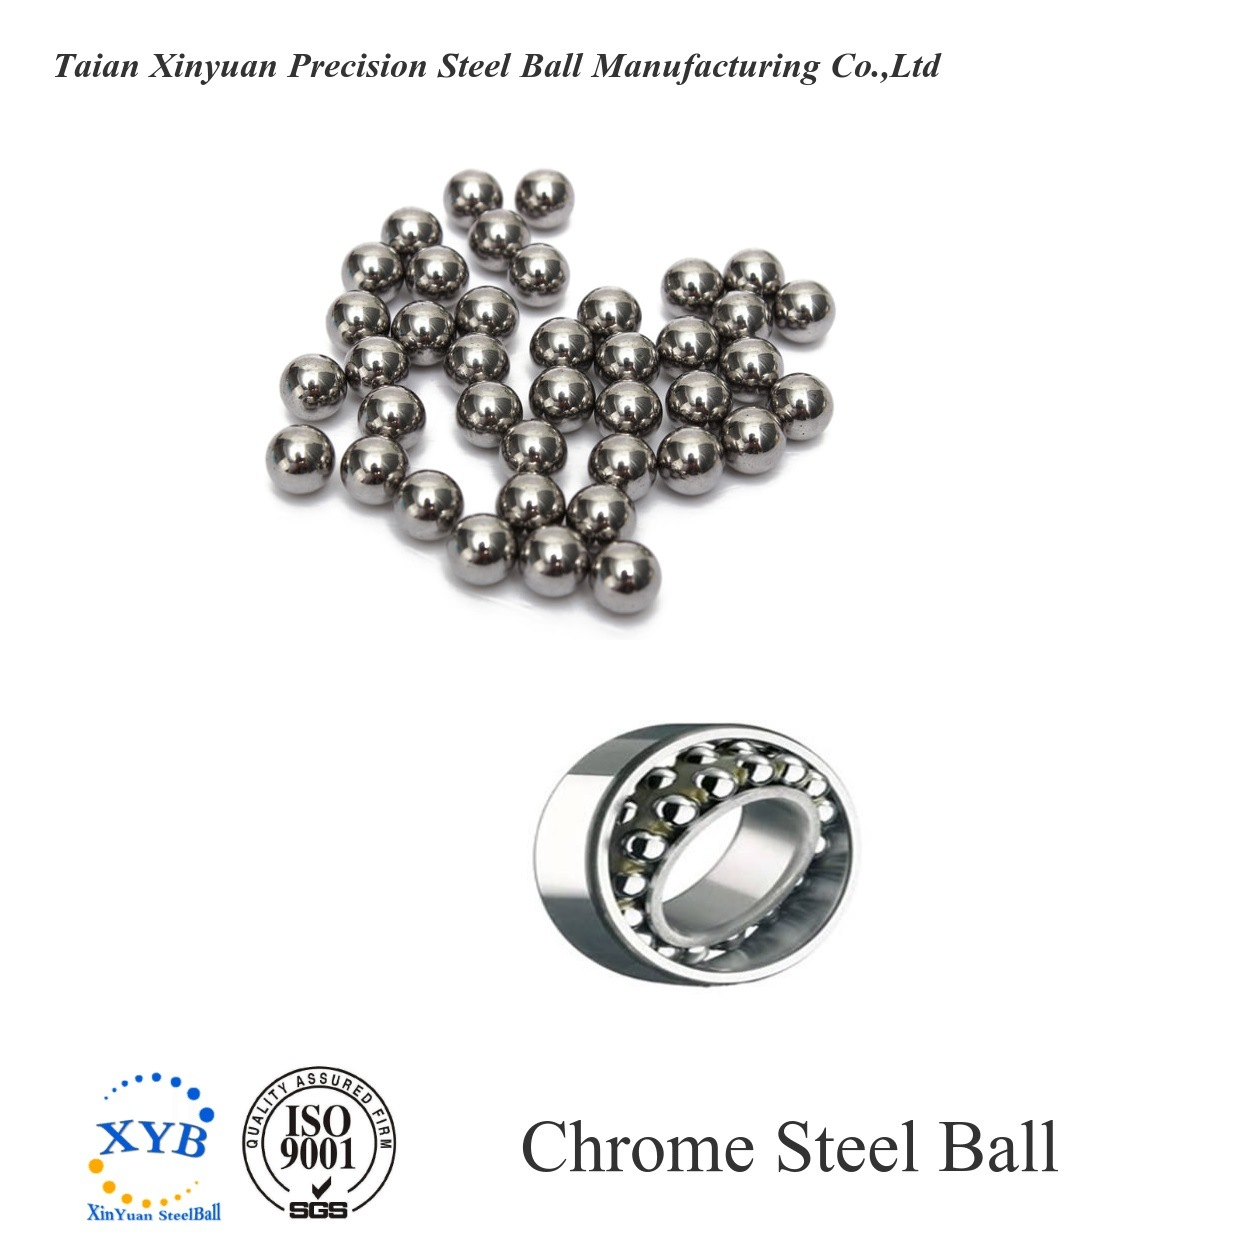 """100 Diameter Chrome Steel Bearing Balls 19//32/"""" G10 Ball Bearings 13815"""